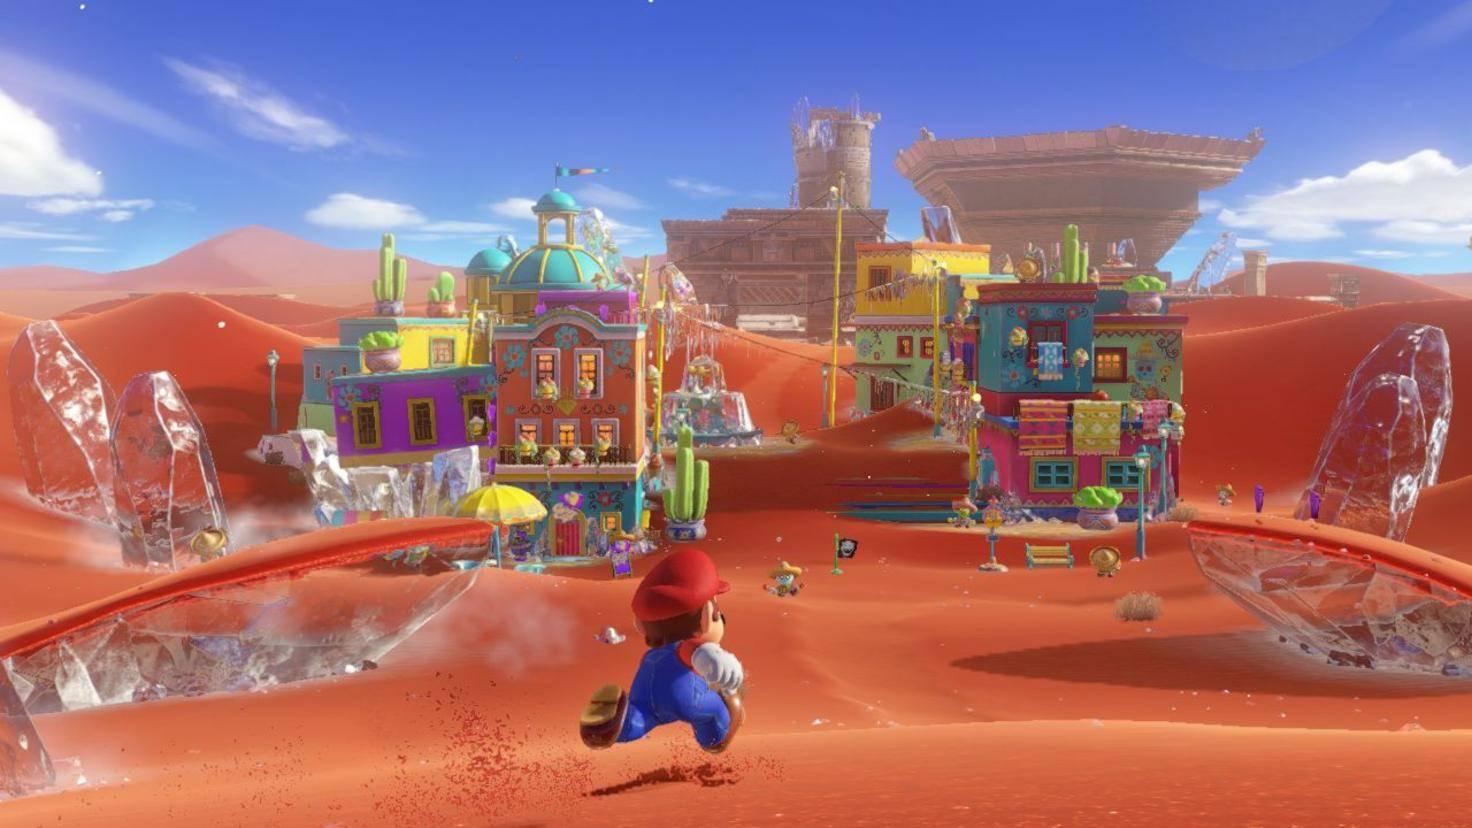 """Das rennen zur Zielfahne ist Vergangenheit. In """"Super Mario Odyssey"""" steht Erkundung im Vordergrund."""